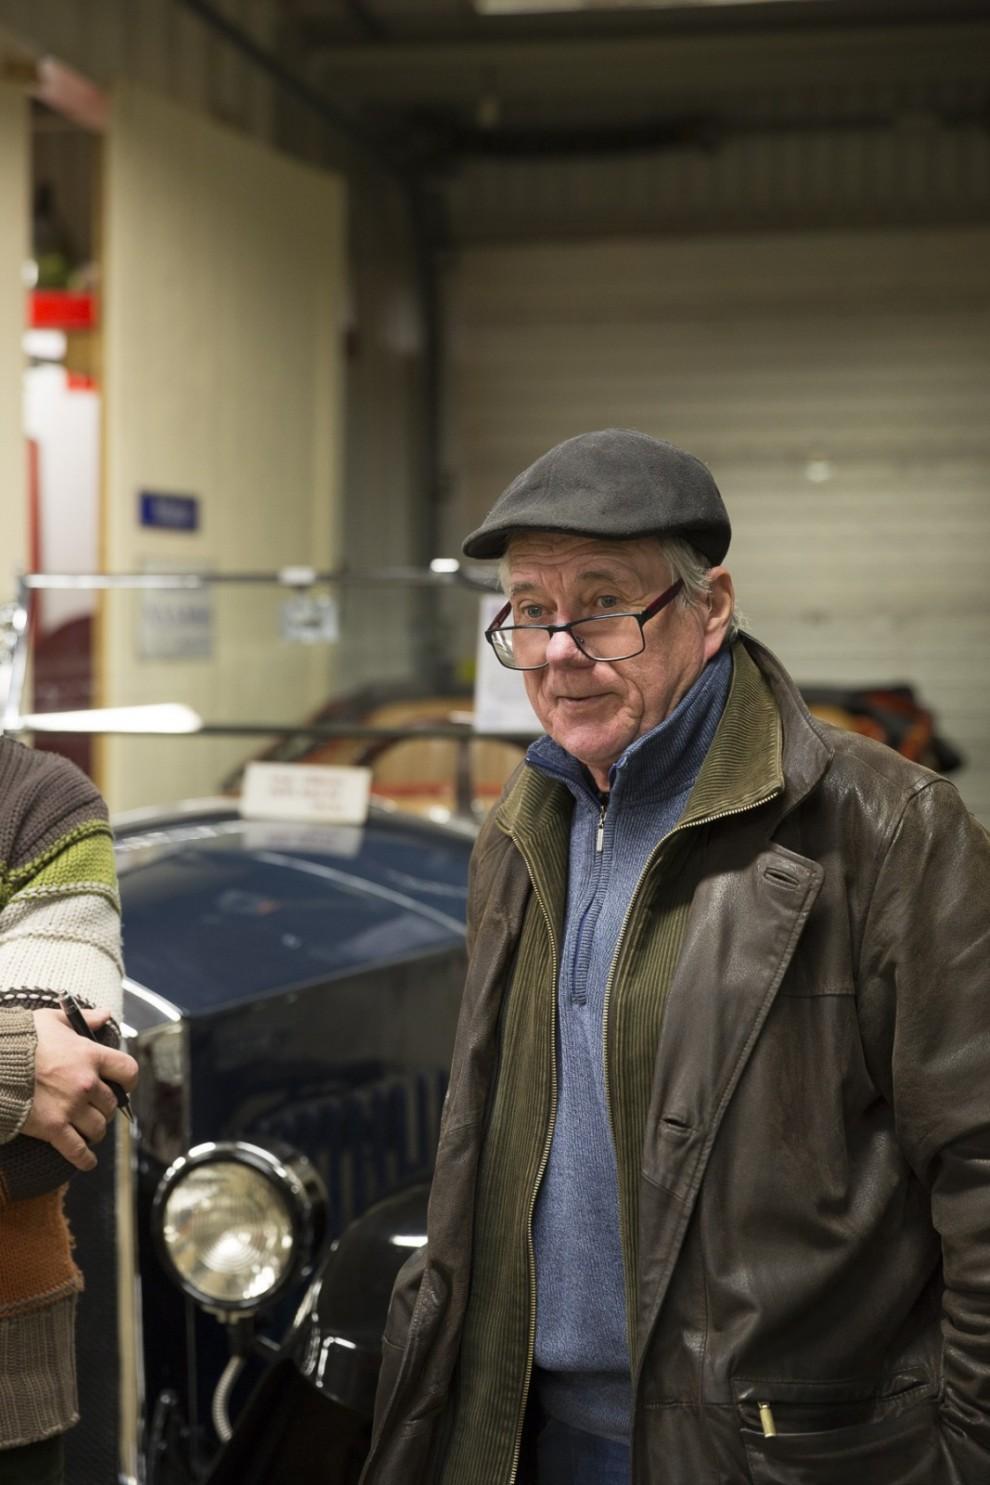 Kjell Olssons kulturgärning kan inte underskattas. Med envishet och kunnande har han skapat en av världens största Volvosamlingar. Men nu ska allt säljas.